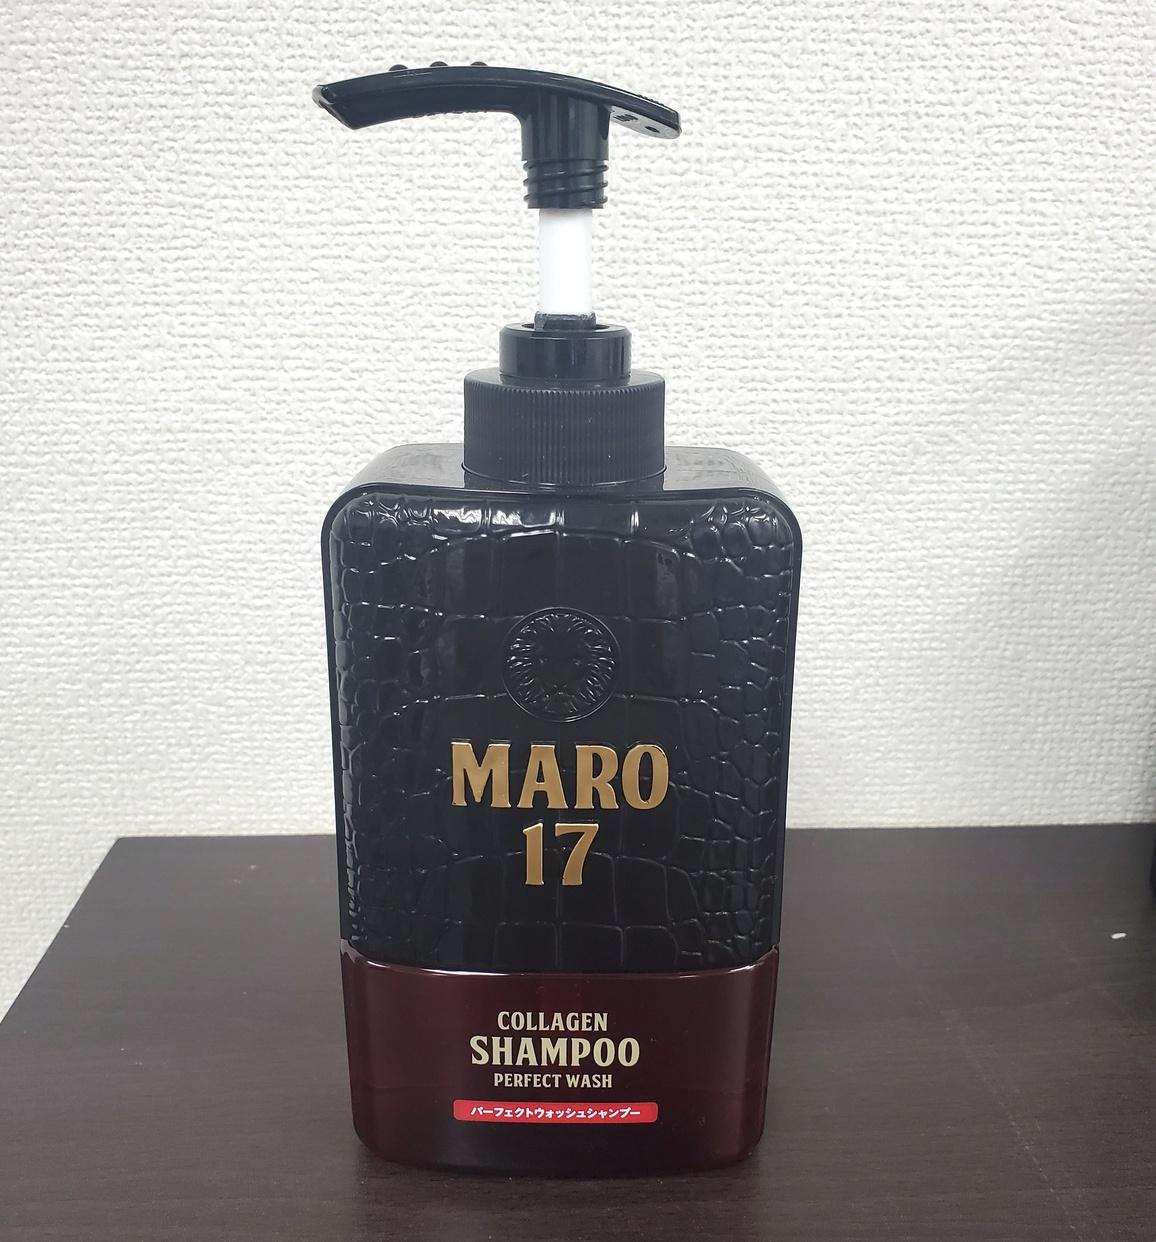 MARO17(マーロ17) スカルプ コラーゲン シャンプー パーフェクトウォッシュを使った吉野 裕太さんのクチコミ画像1